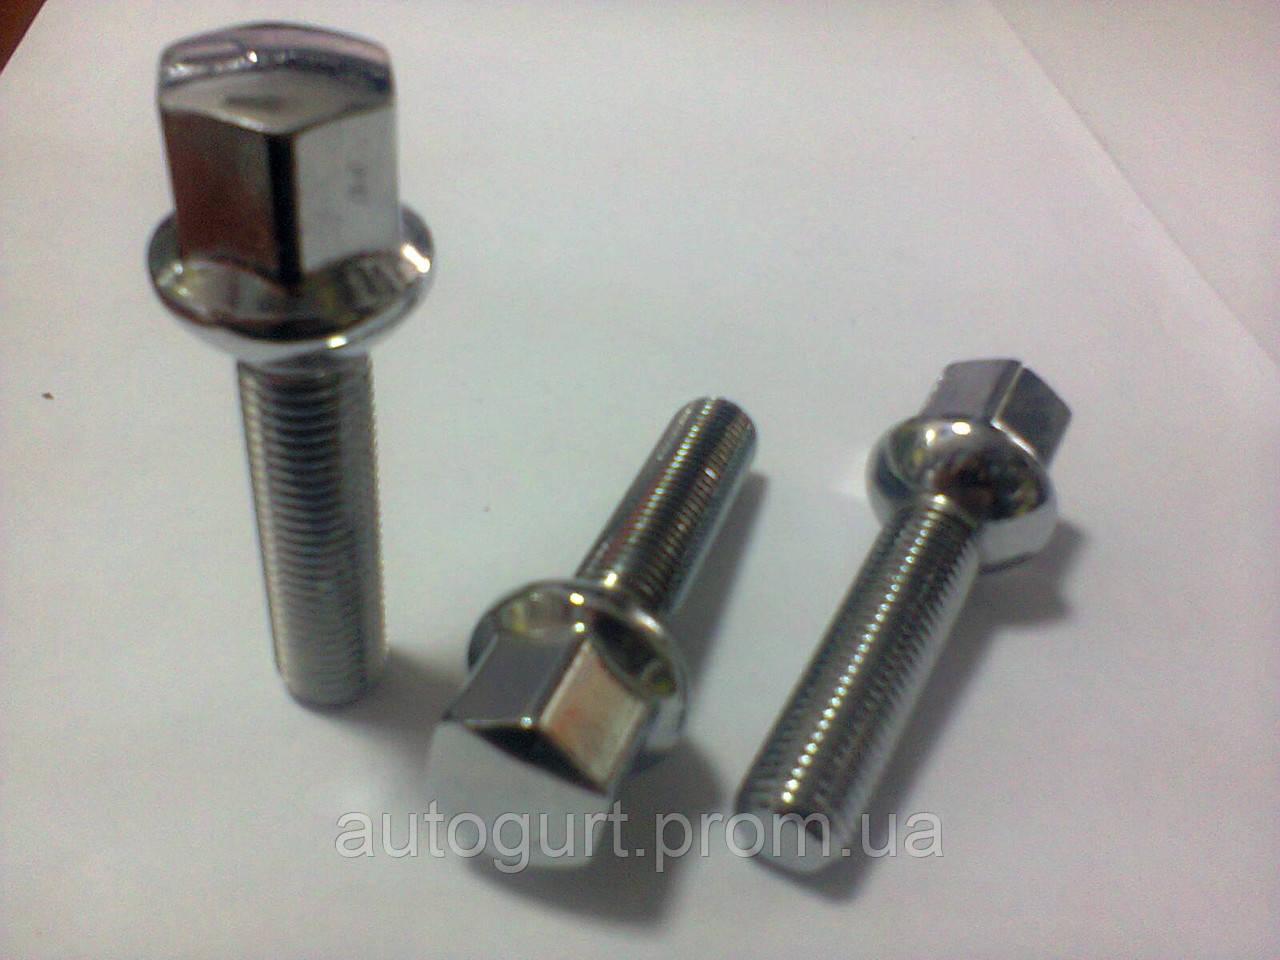 Болт колеса B1726 50mm GN209 L75 12x1.5x50,17 GN209 L75 сфер./хром (Mercedes)